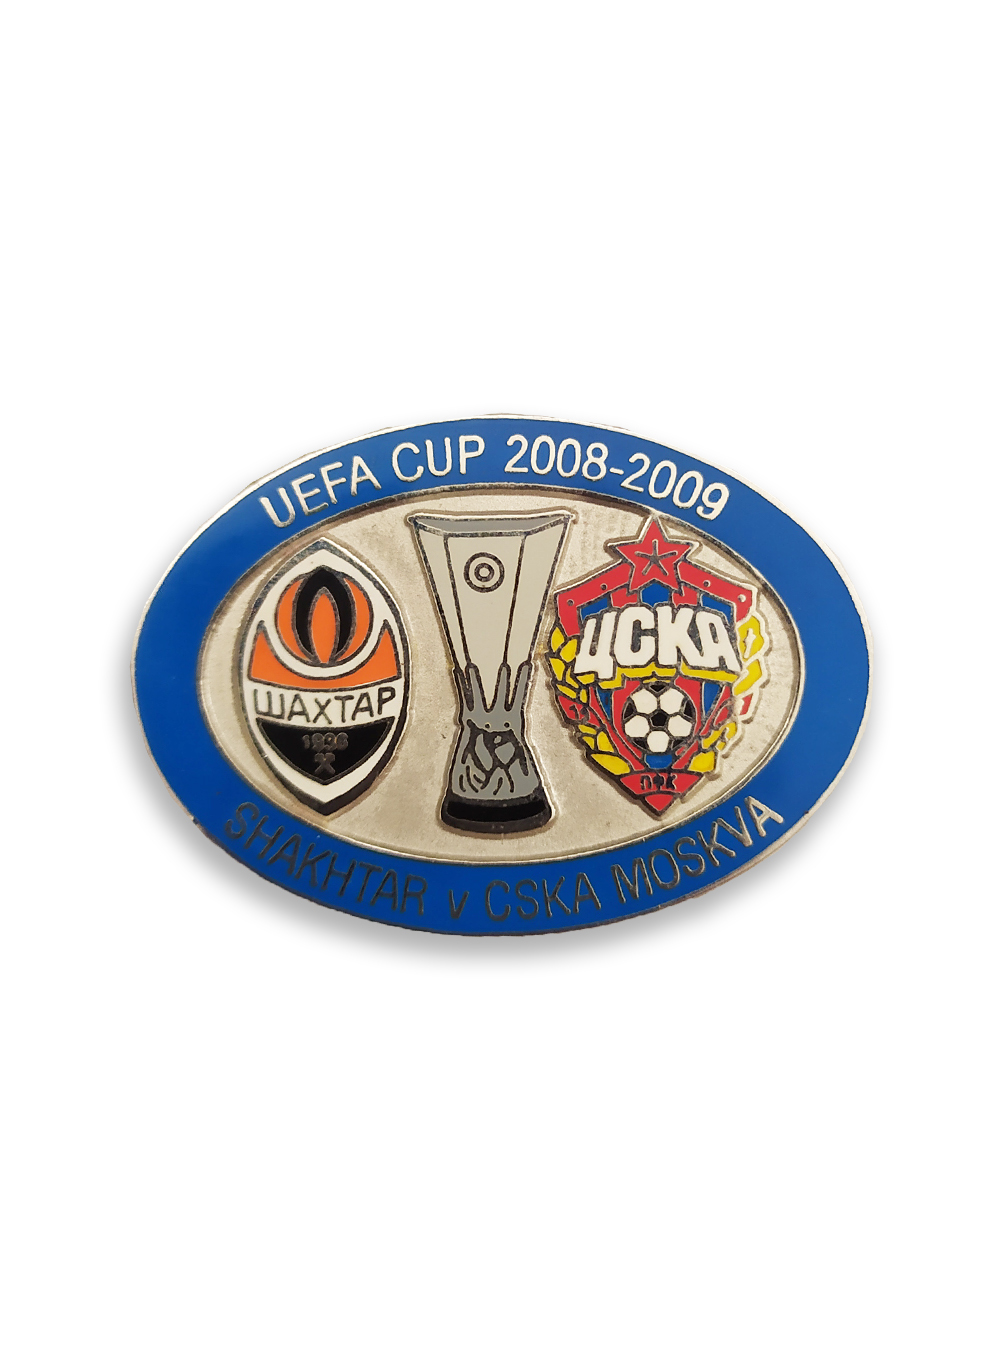 Коллекционный значок Кубок УЕФА 2008-2009 1/8 финала фото